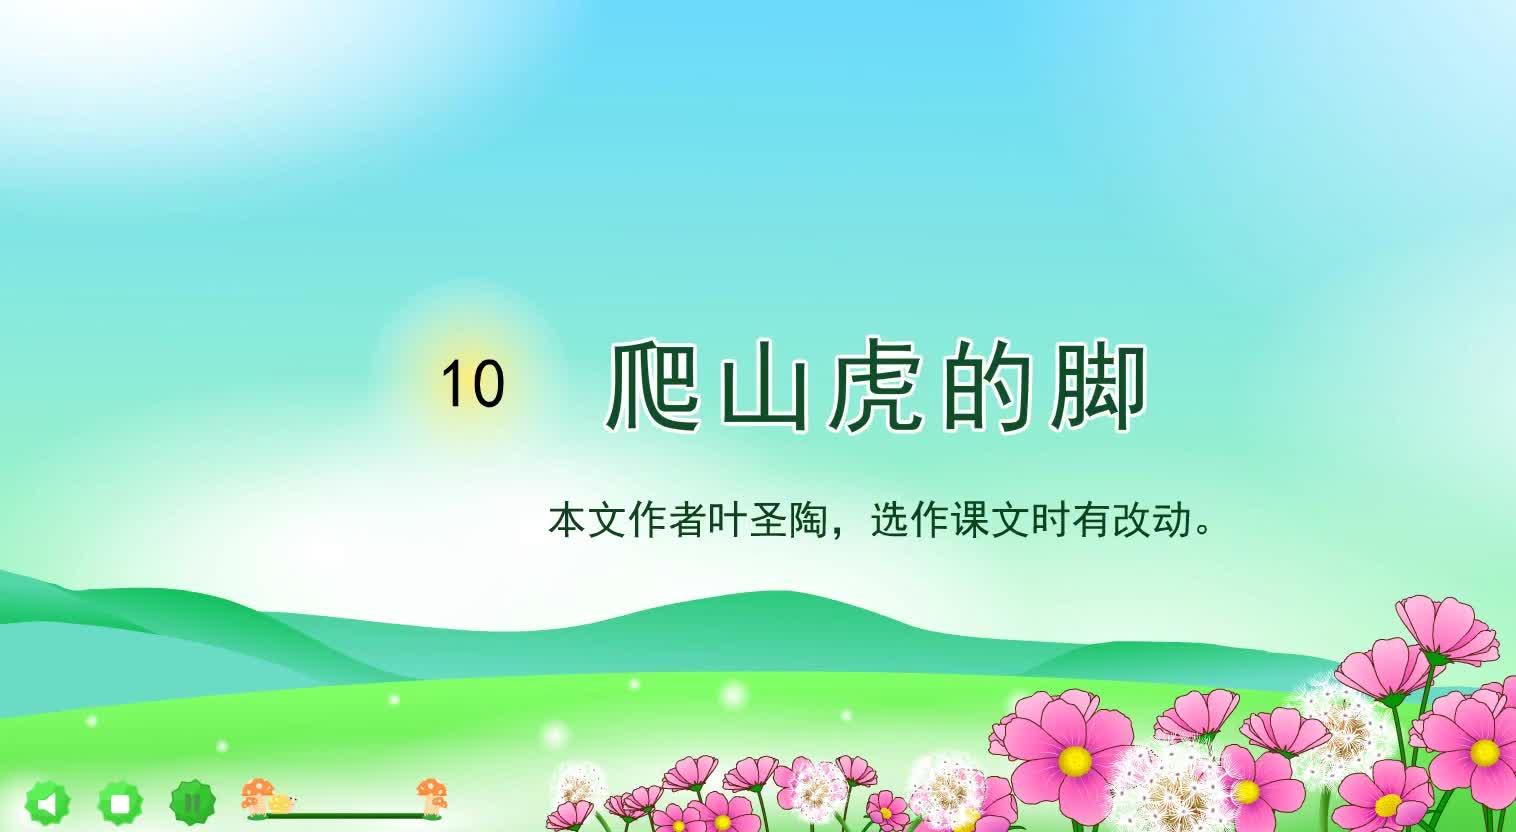 人教部编版语文四年级上册《10爬山虎的脚 》情景动画朗读.mp4